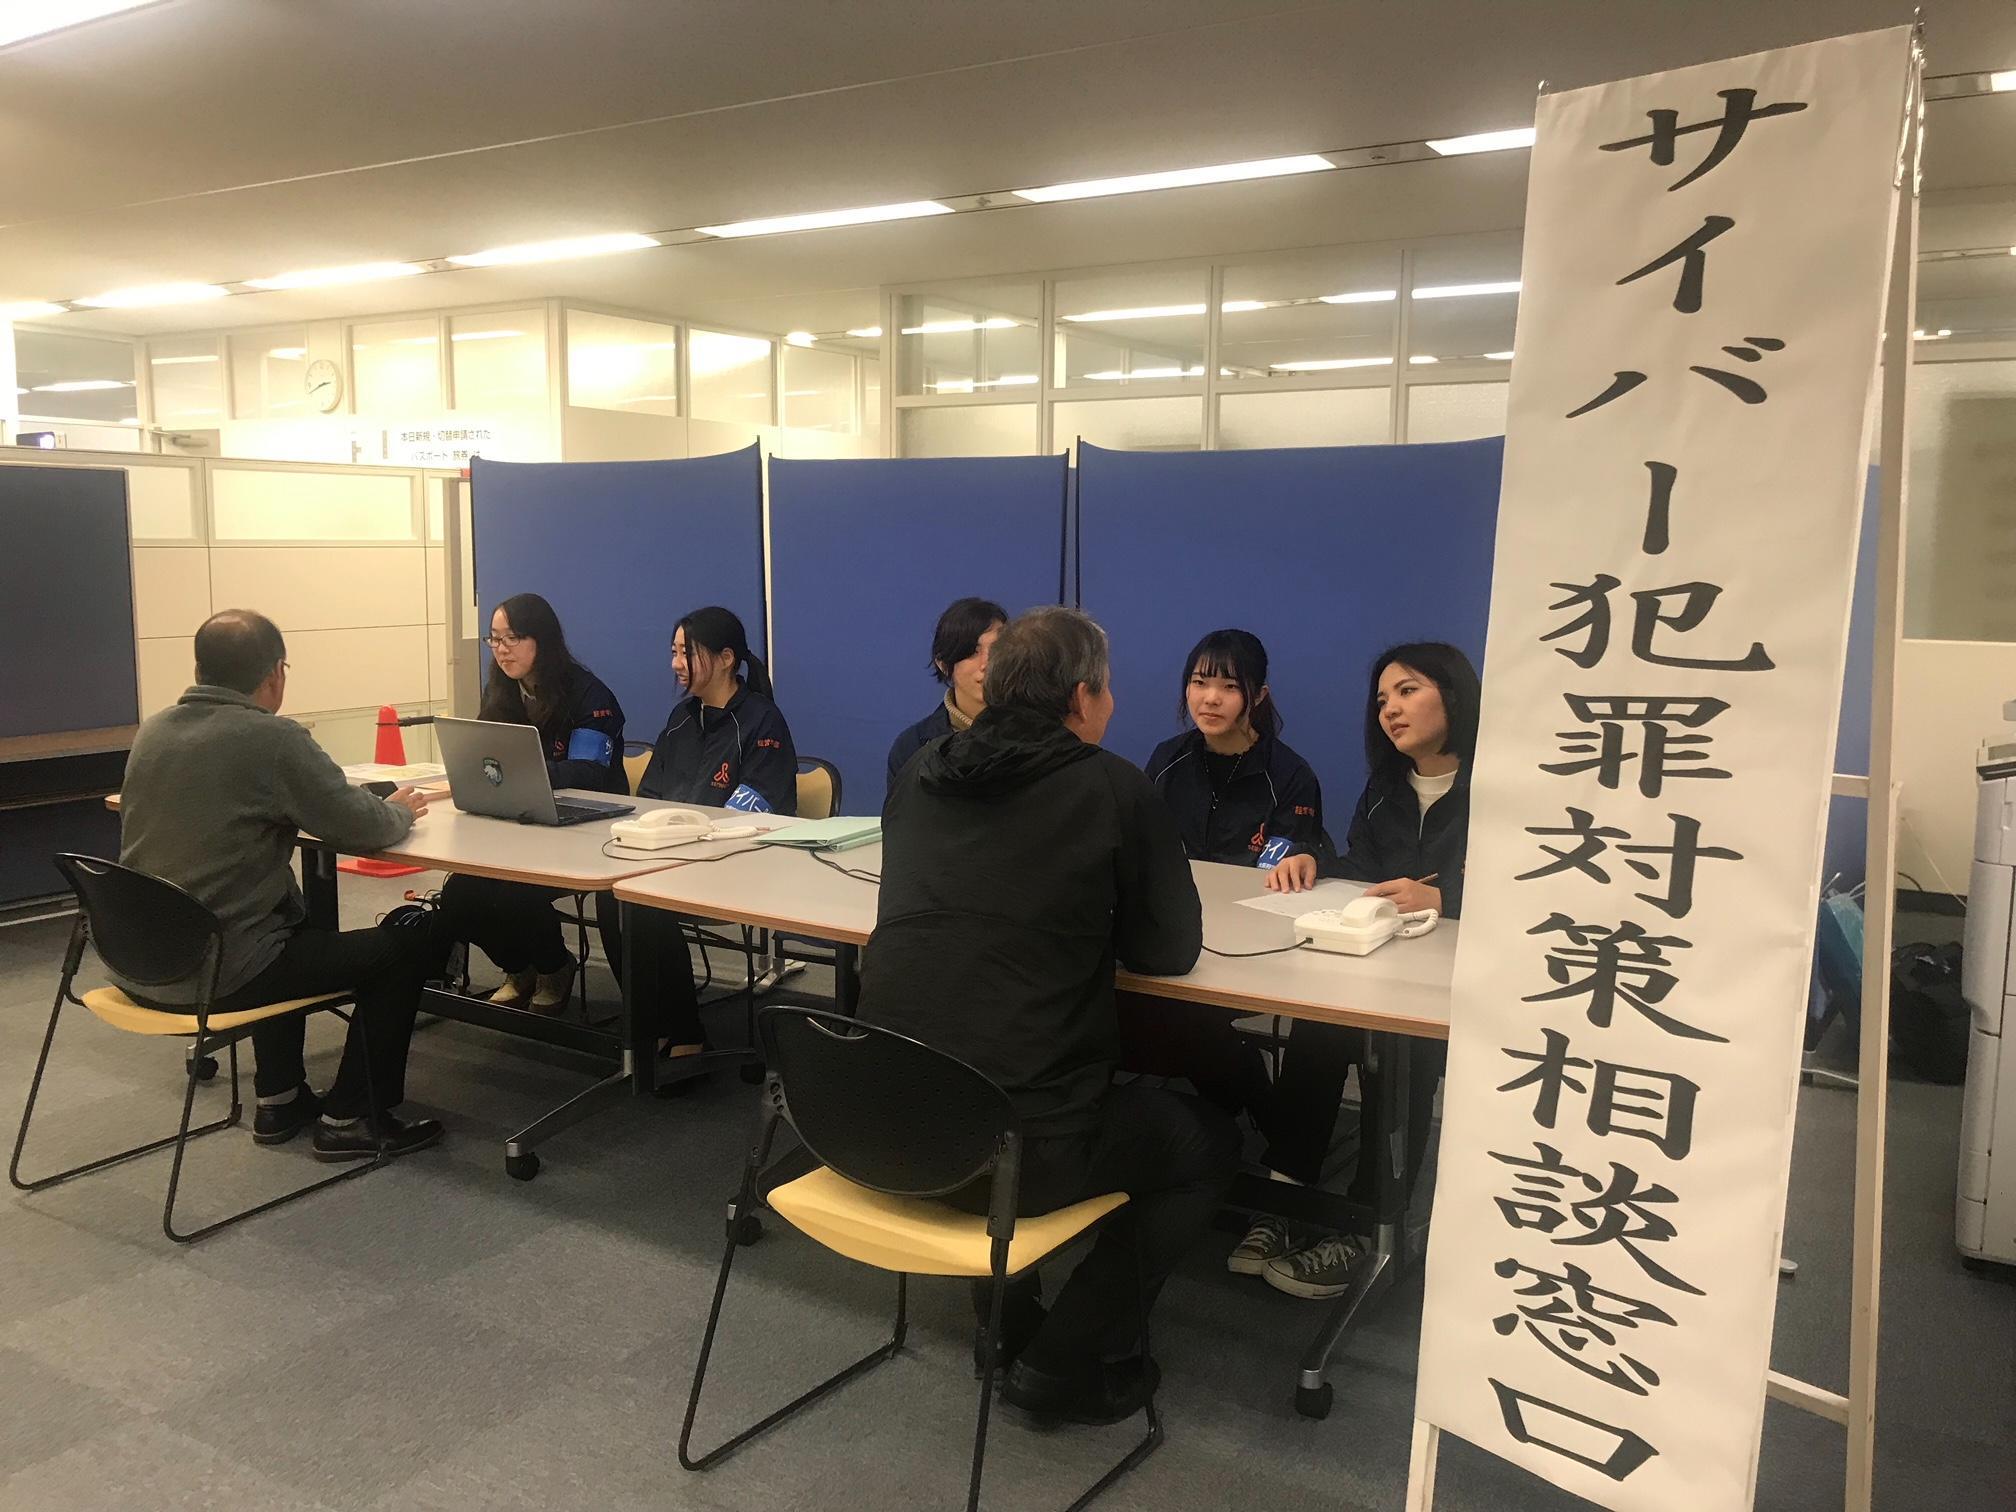 東大阪市と大阪府警の「サイバーセキュリティ協定」に協力 摂南大学の学生が対策相談窓口で対応